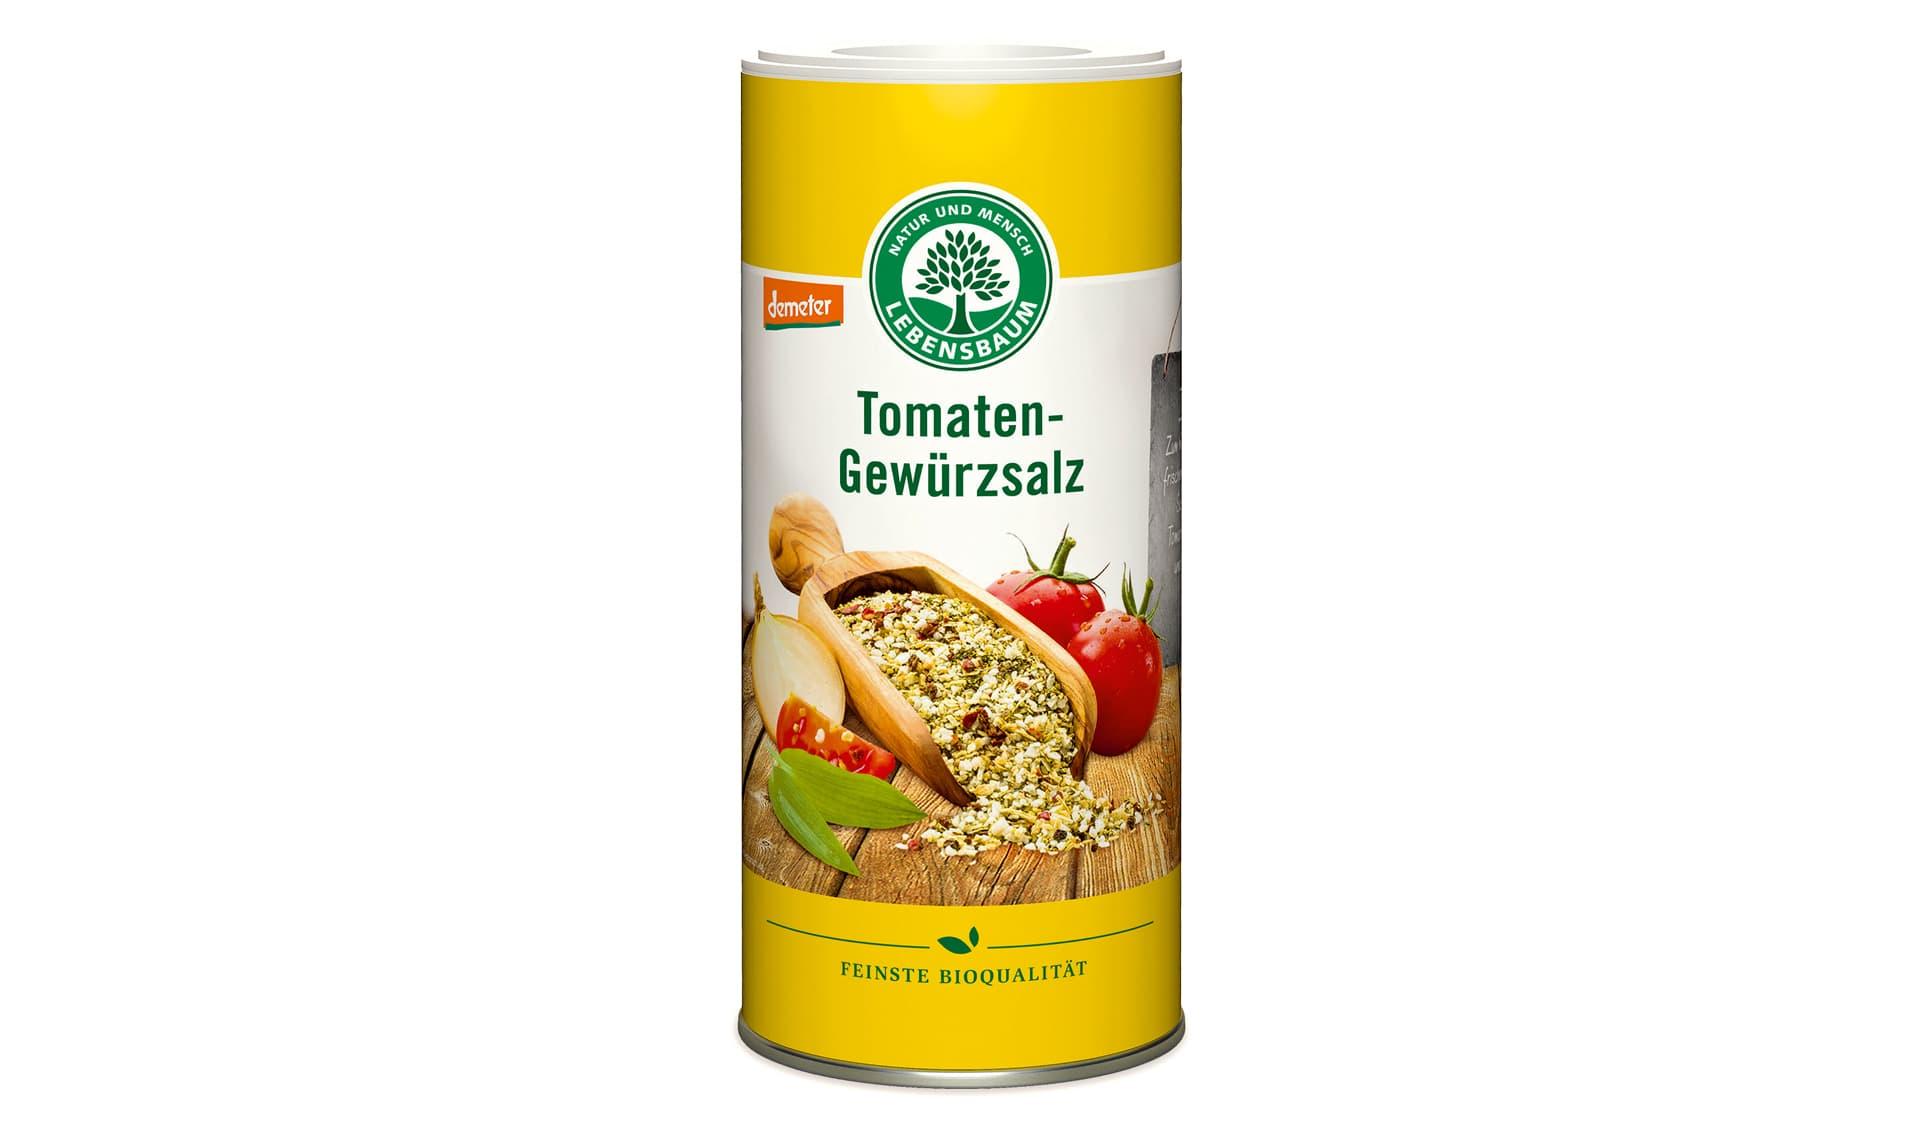 Lebensbaum Tomaten-Kräuter (www.lebensbaum.de)